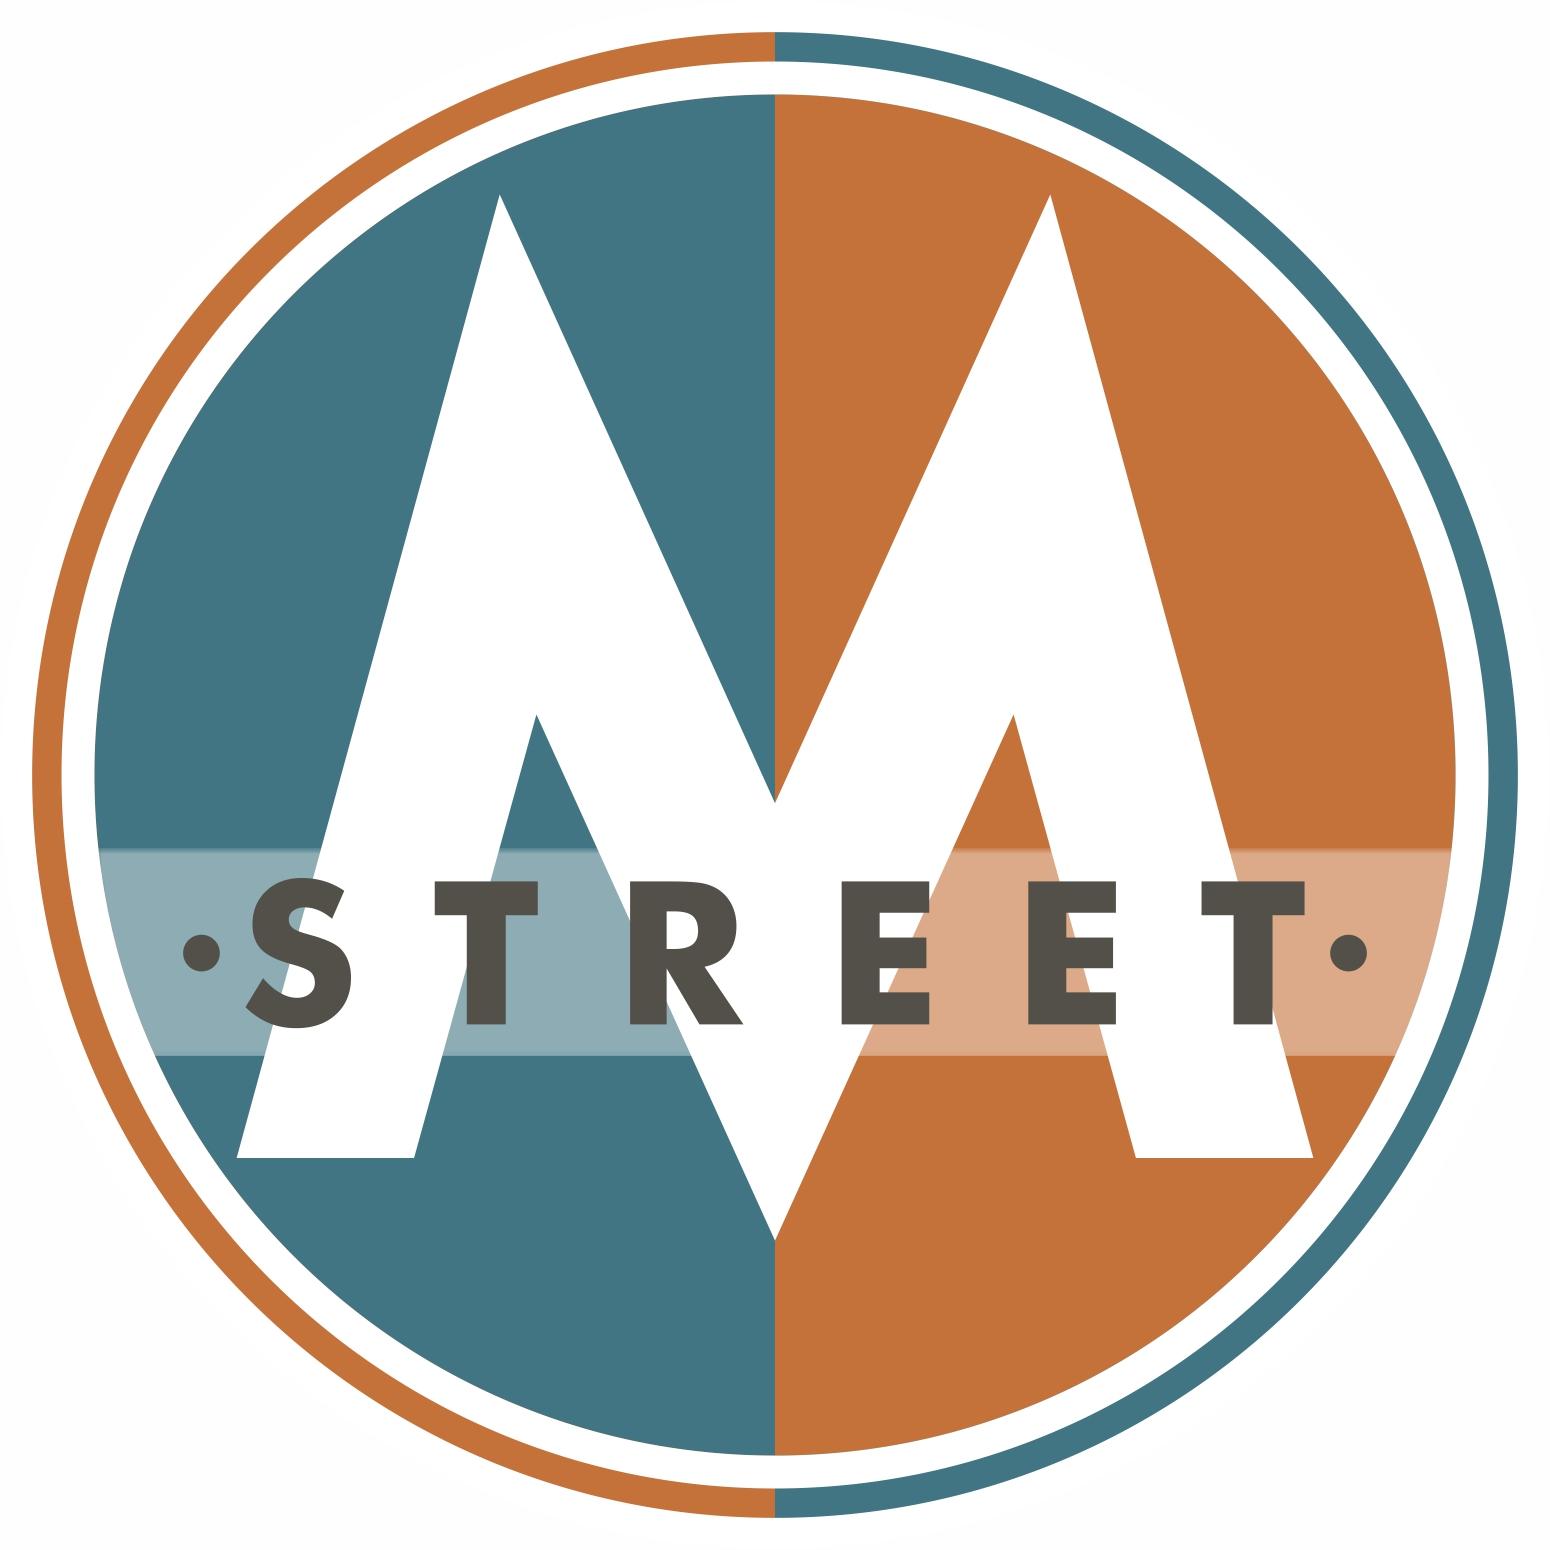 M Street